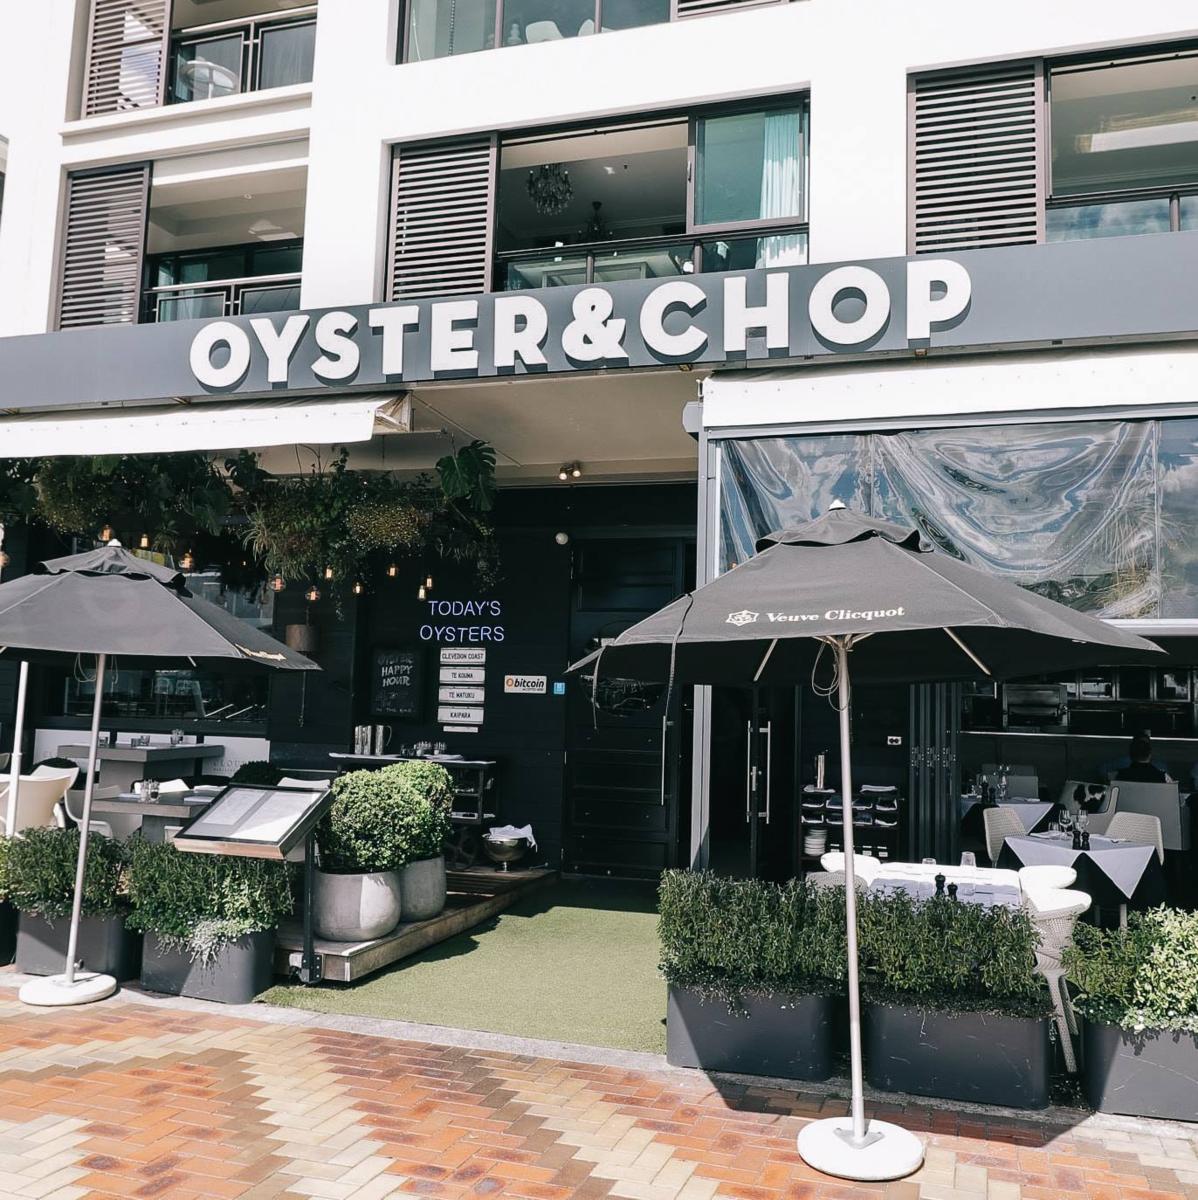 oyster&chop